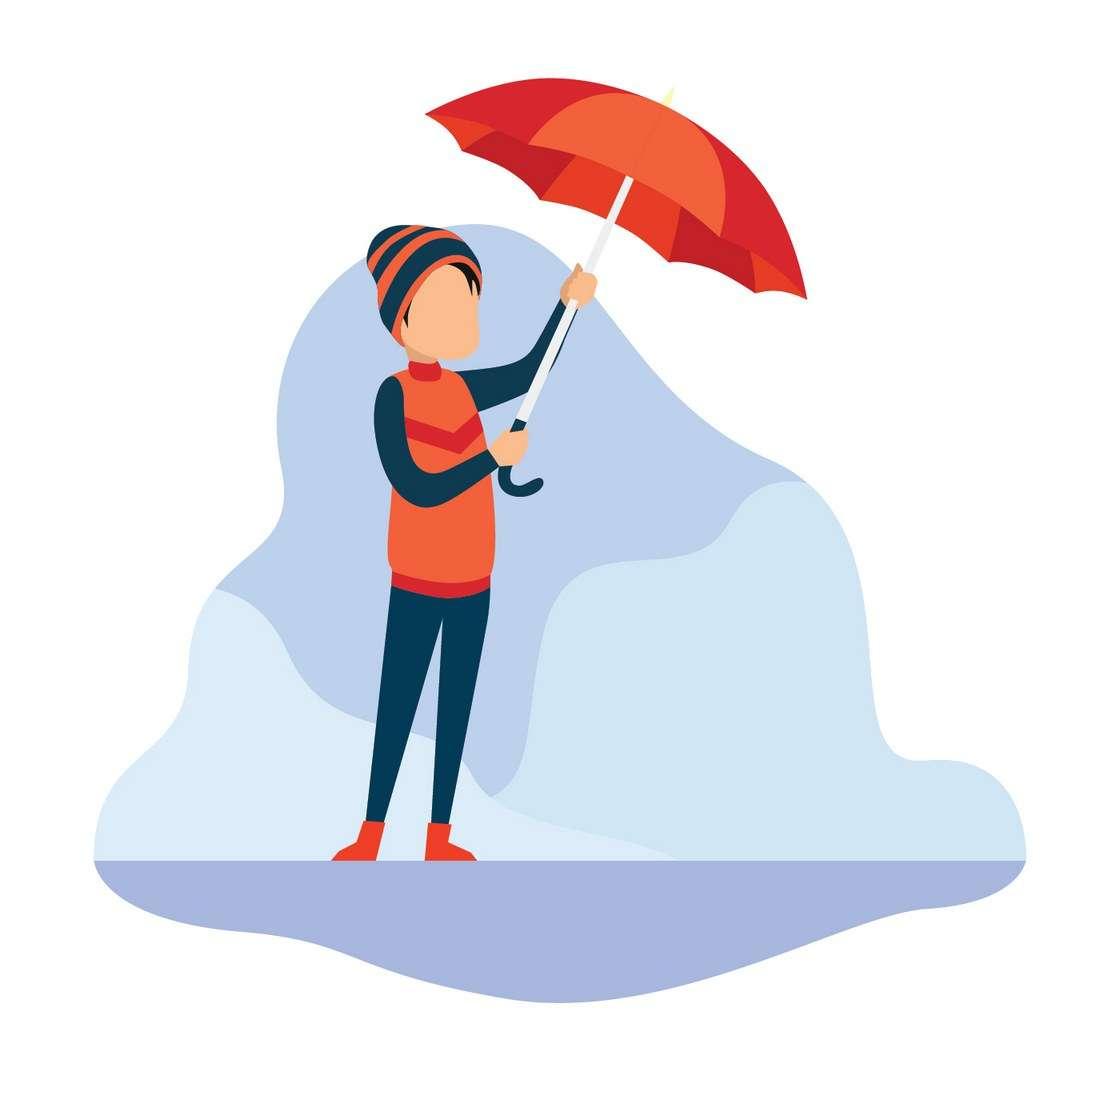 Boy with his umbrella